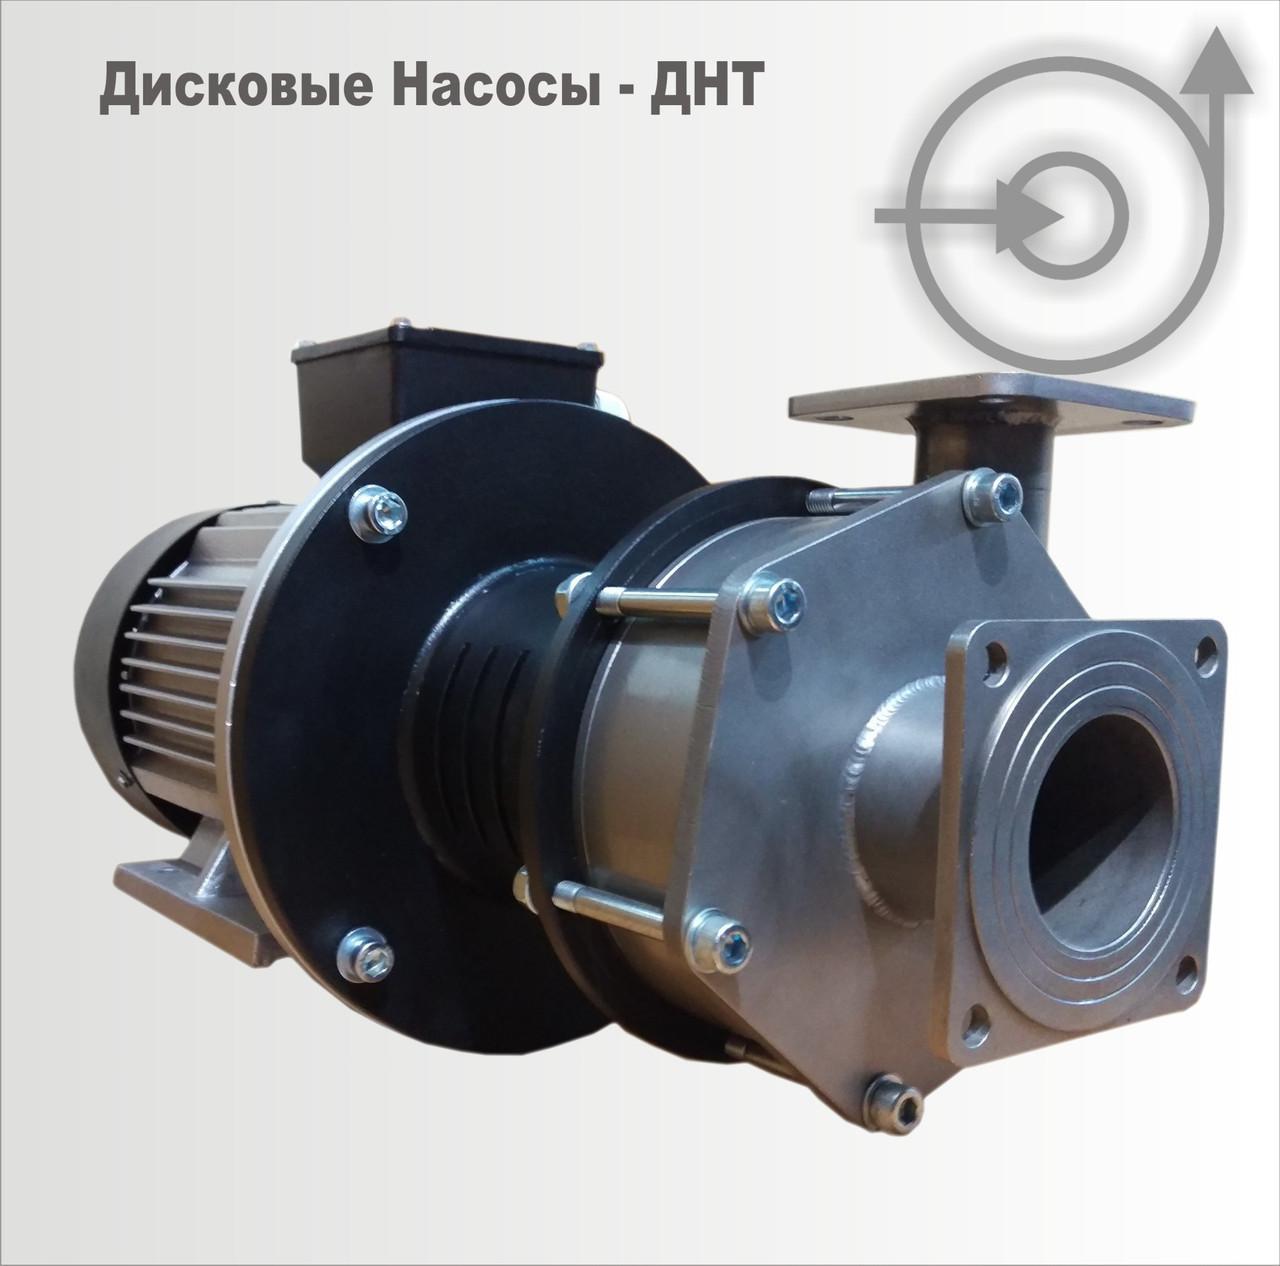 Дисковый насос ДНТ-М 200 40-25 ТУ нержавеющая сталь